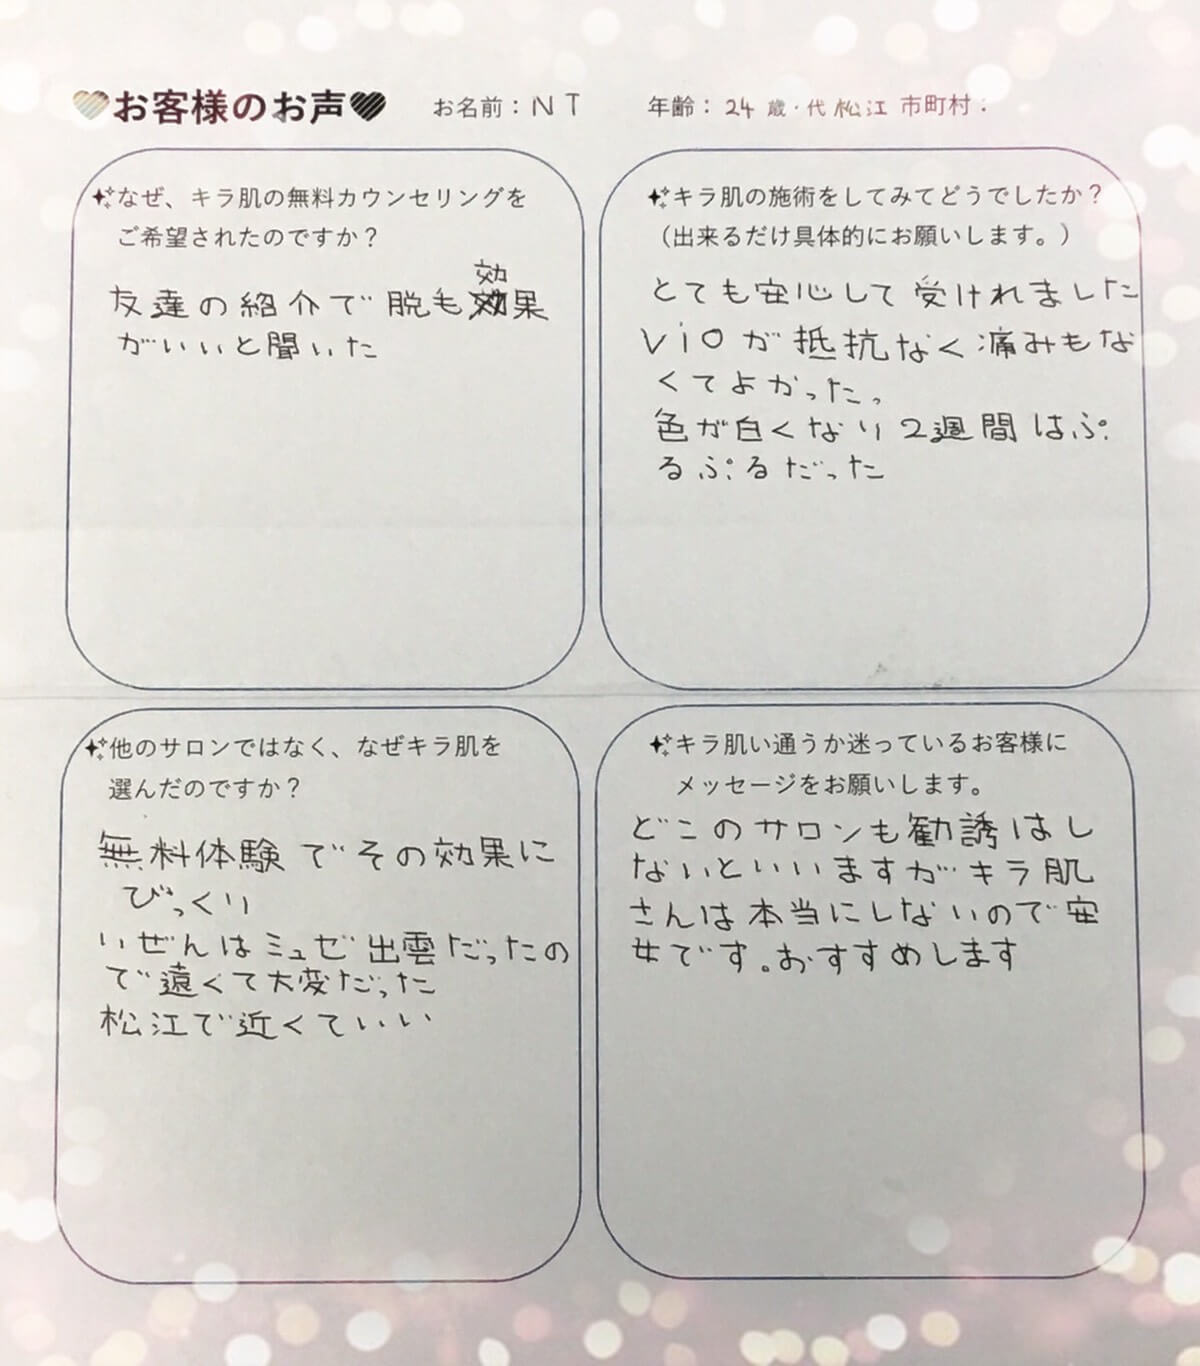 松江市N,T様24歳全身脱毛VIO顔2回目口コミ。